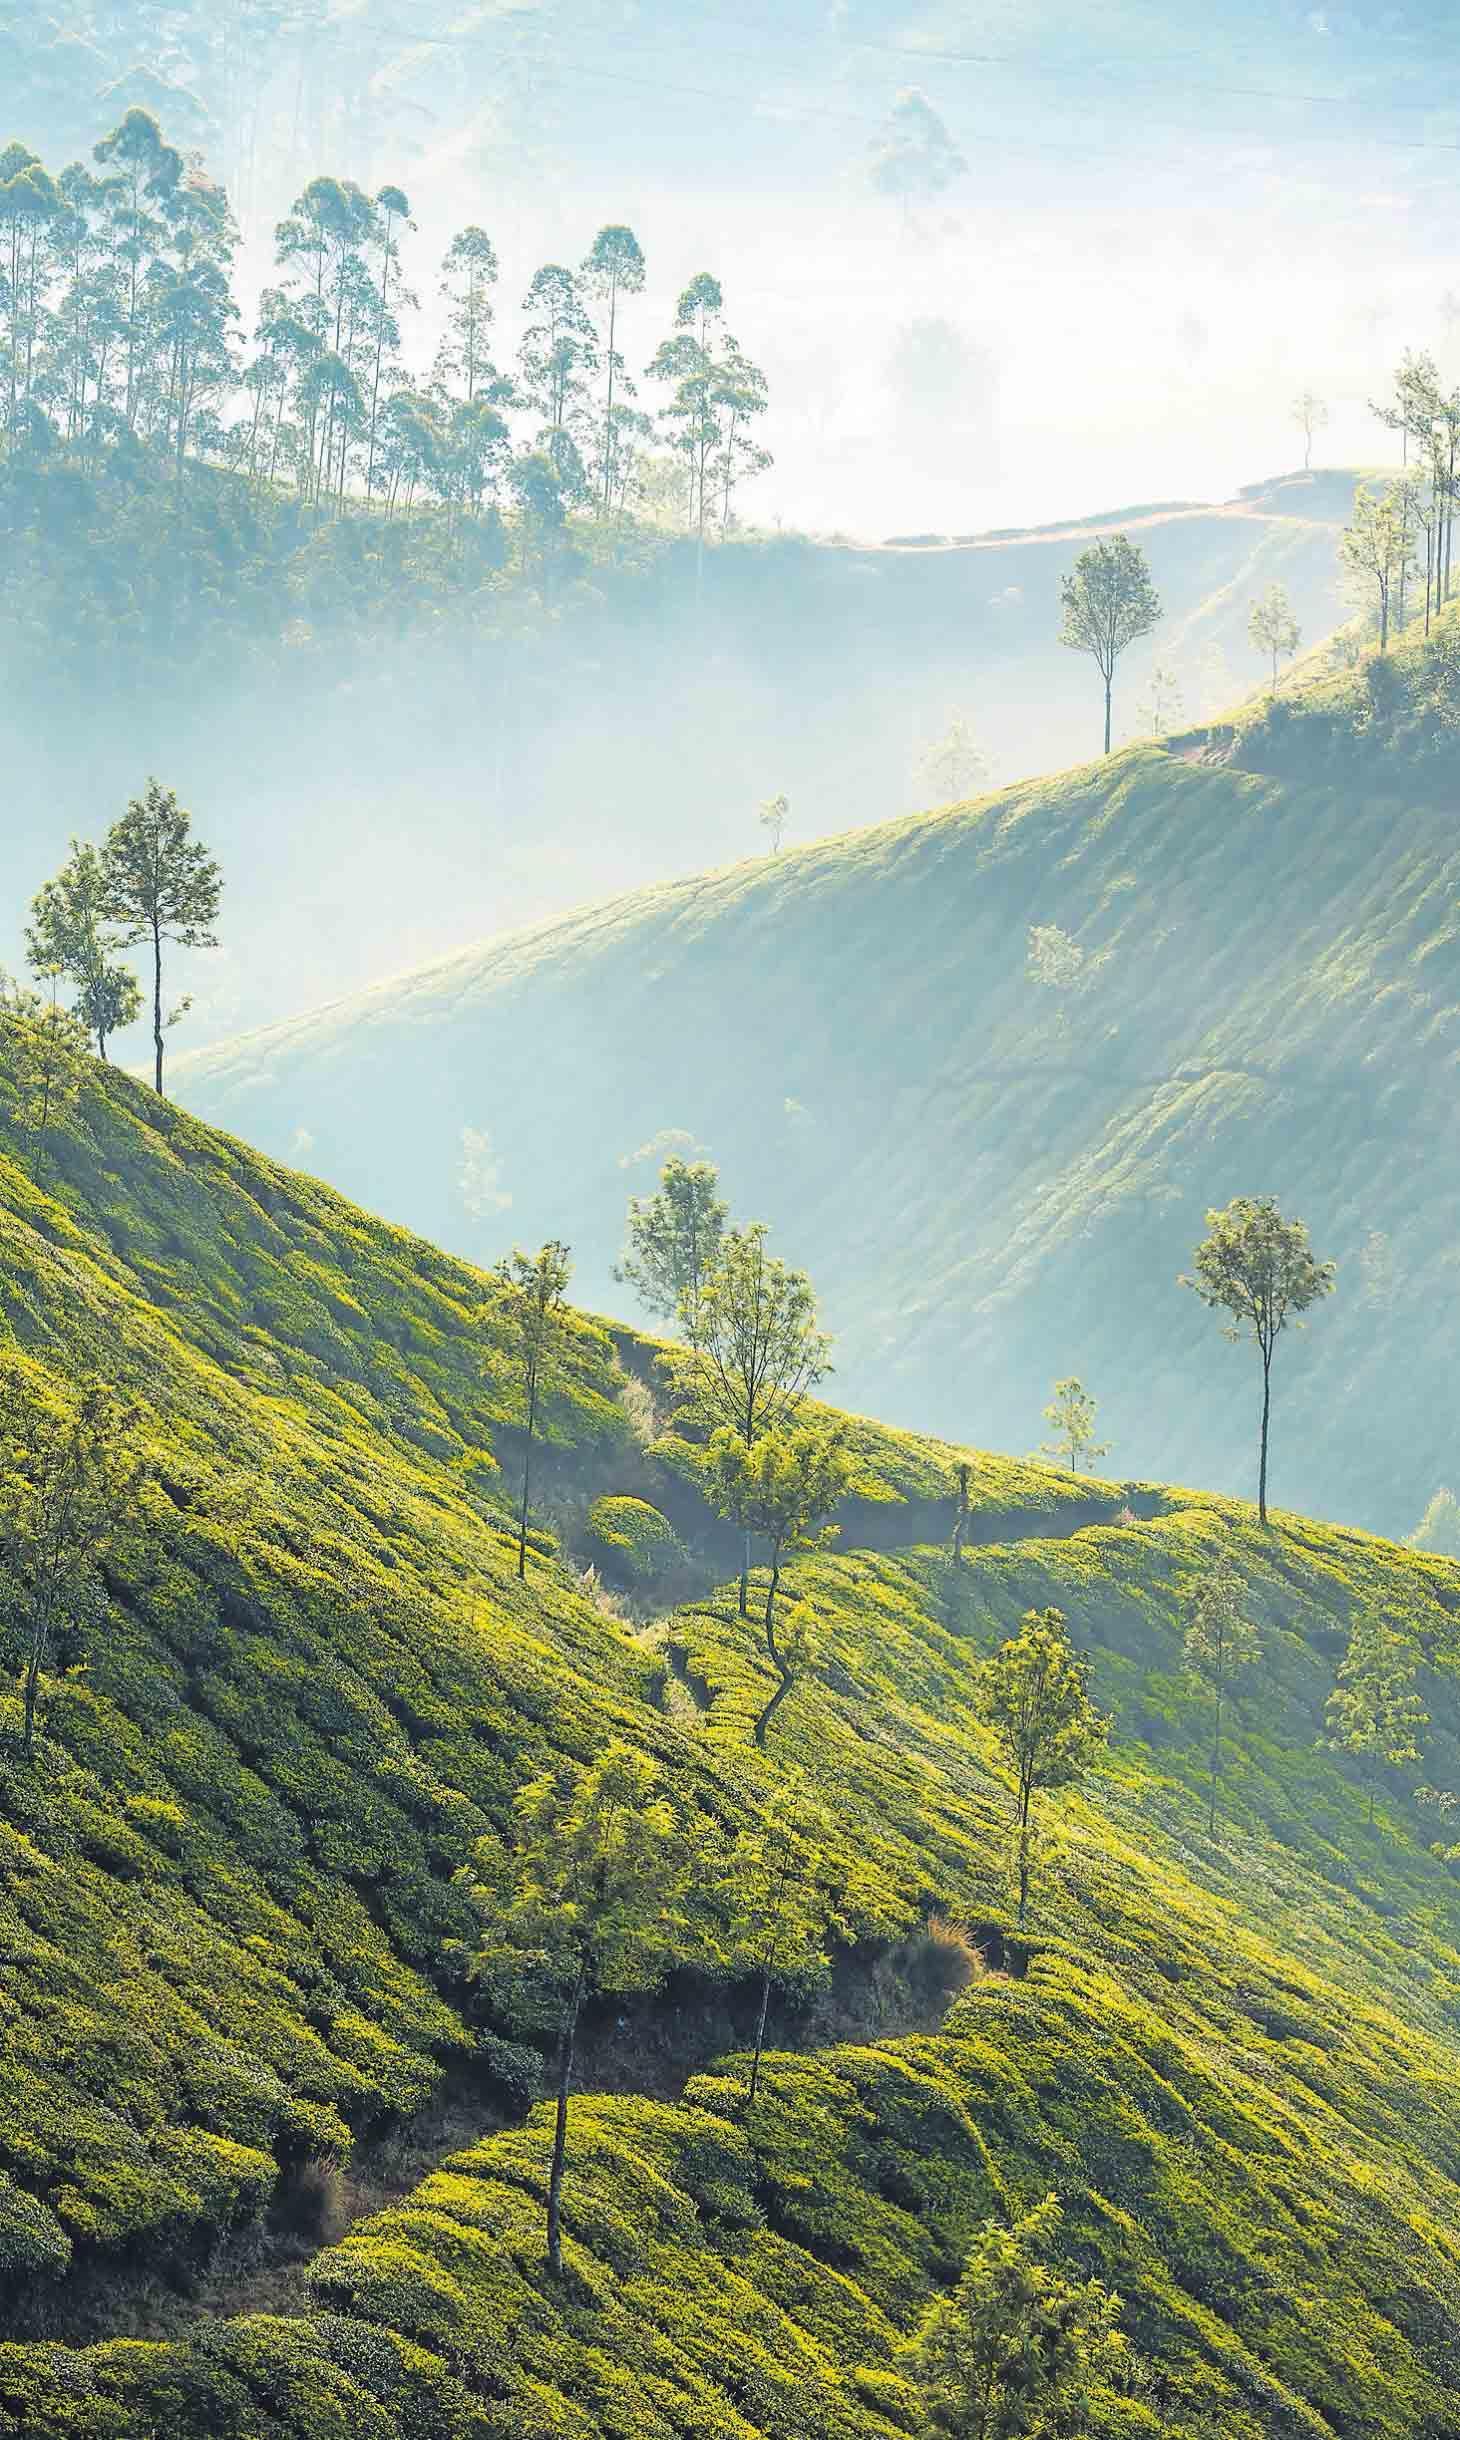 """Verantwortlich wirtschaften. Günter Faltin, Gründer der Stiftung Entrepreneurship, hat als Unternehmer das Projekt """"Teekampagne"""" ins Leben gerufen, das mit Darjeeling-Tee handelt, faire Preise zahlt und Wiederaufforstung betreibt."""